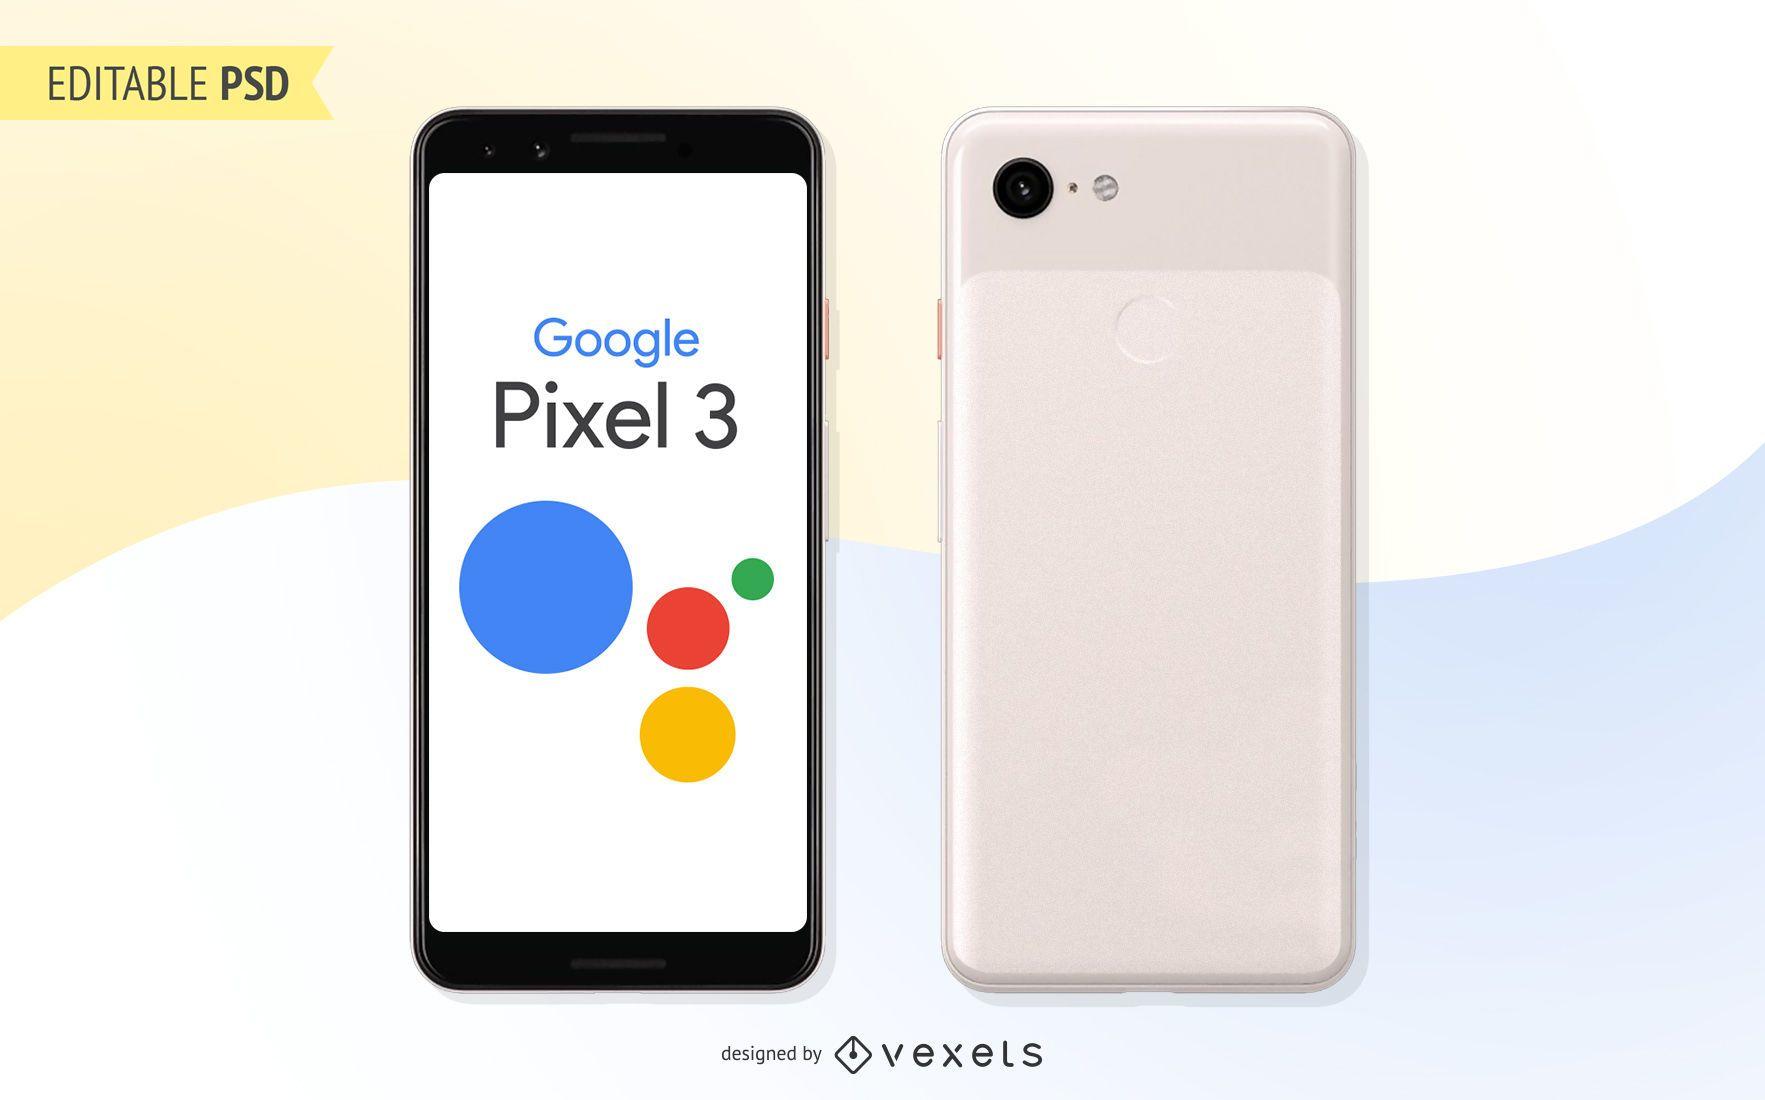 Maqueta PSD de Google Pixel 3